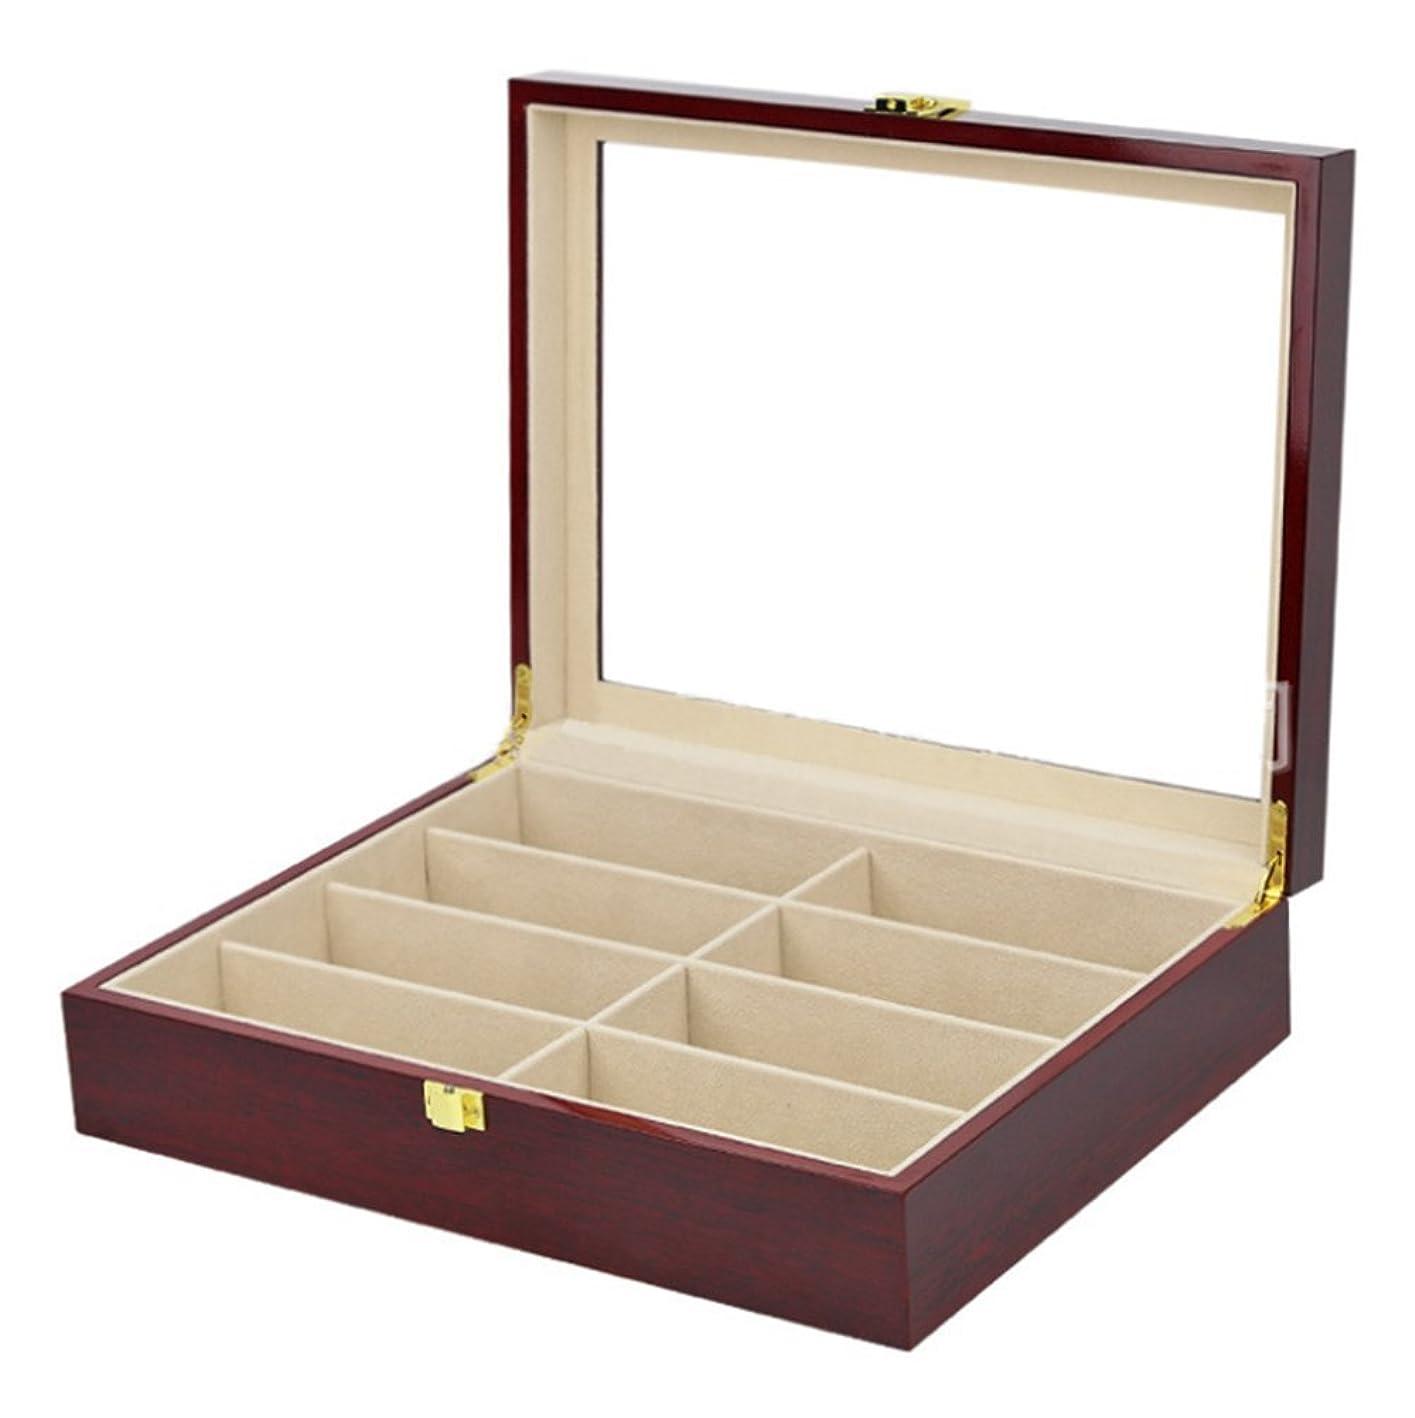 スキムうなる宗教木製 サングラス収納 ボックス 8本用 コレクション メガネ収納ケース ディスプレイ スプレーラッカー